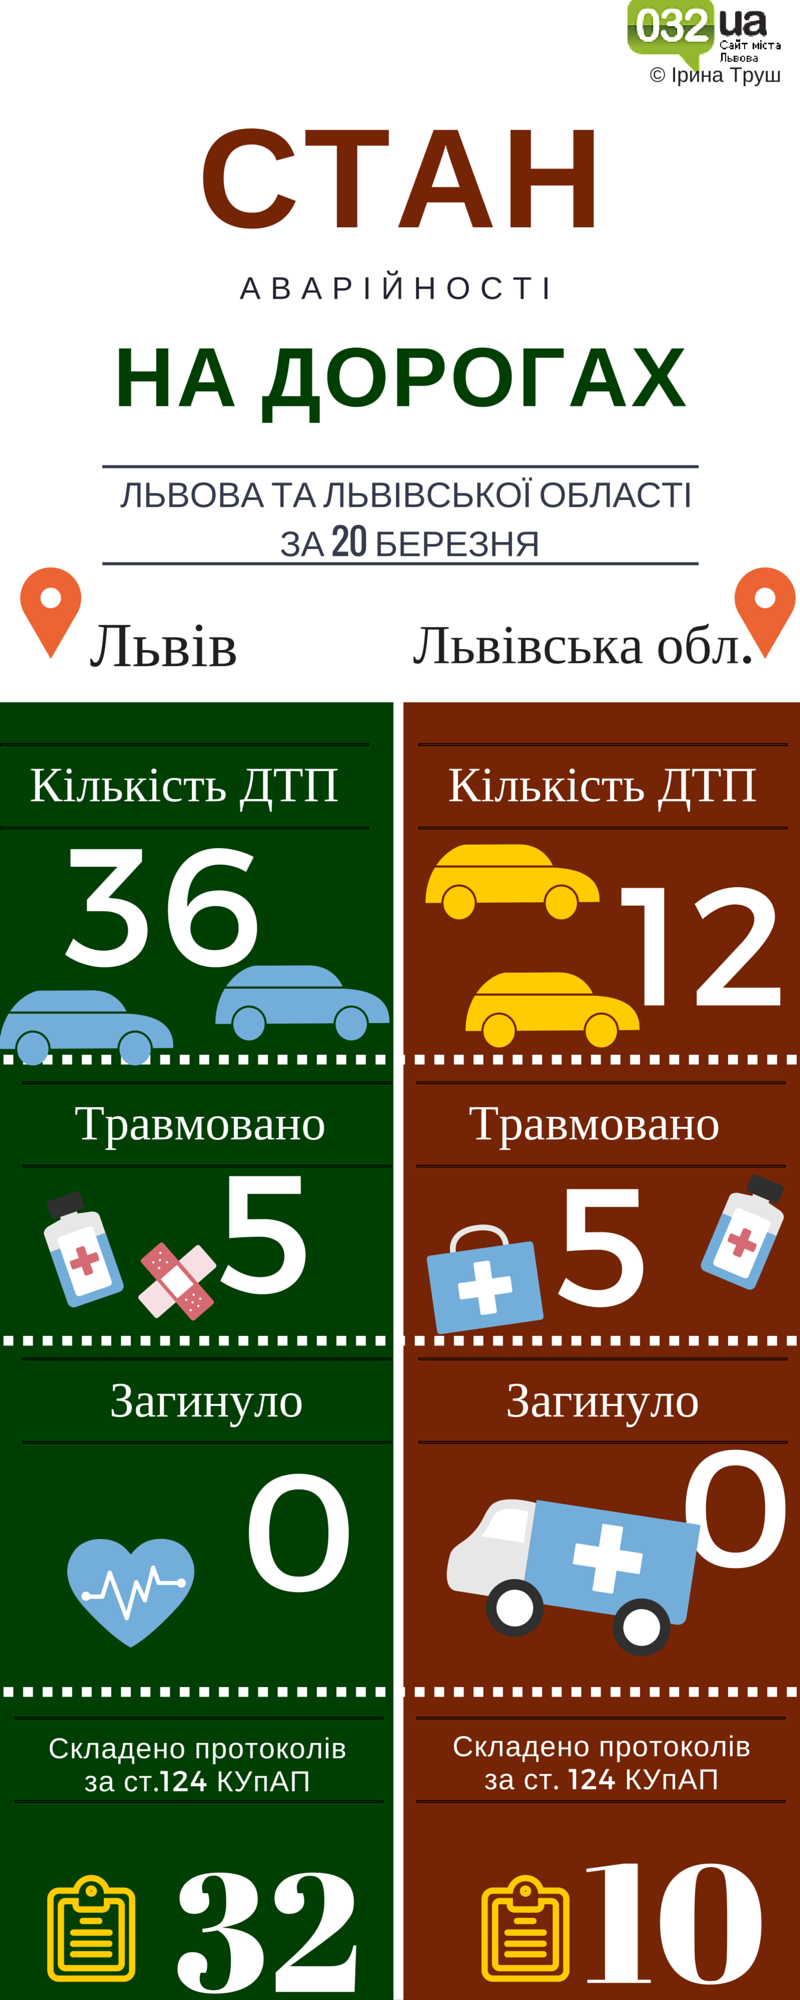 Львів. Стан аварійності на дорогах (4)